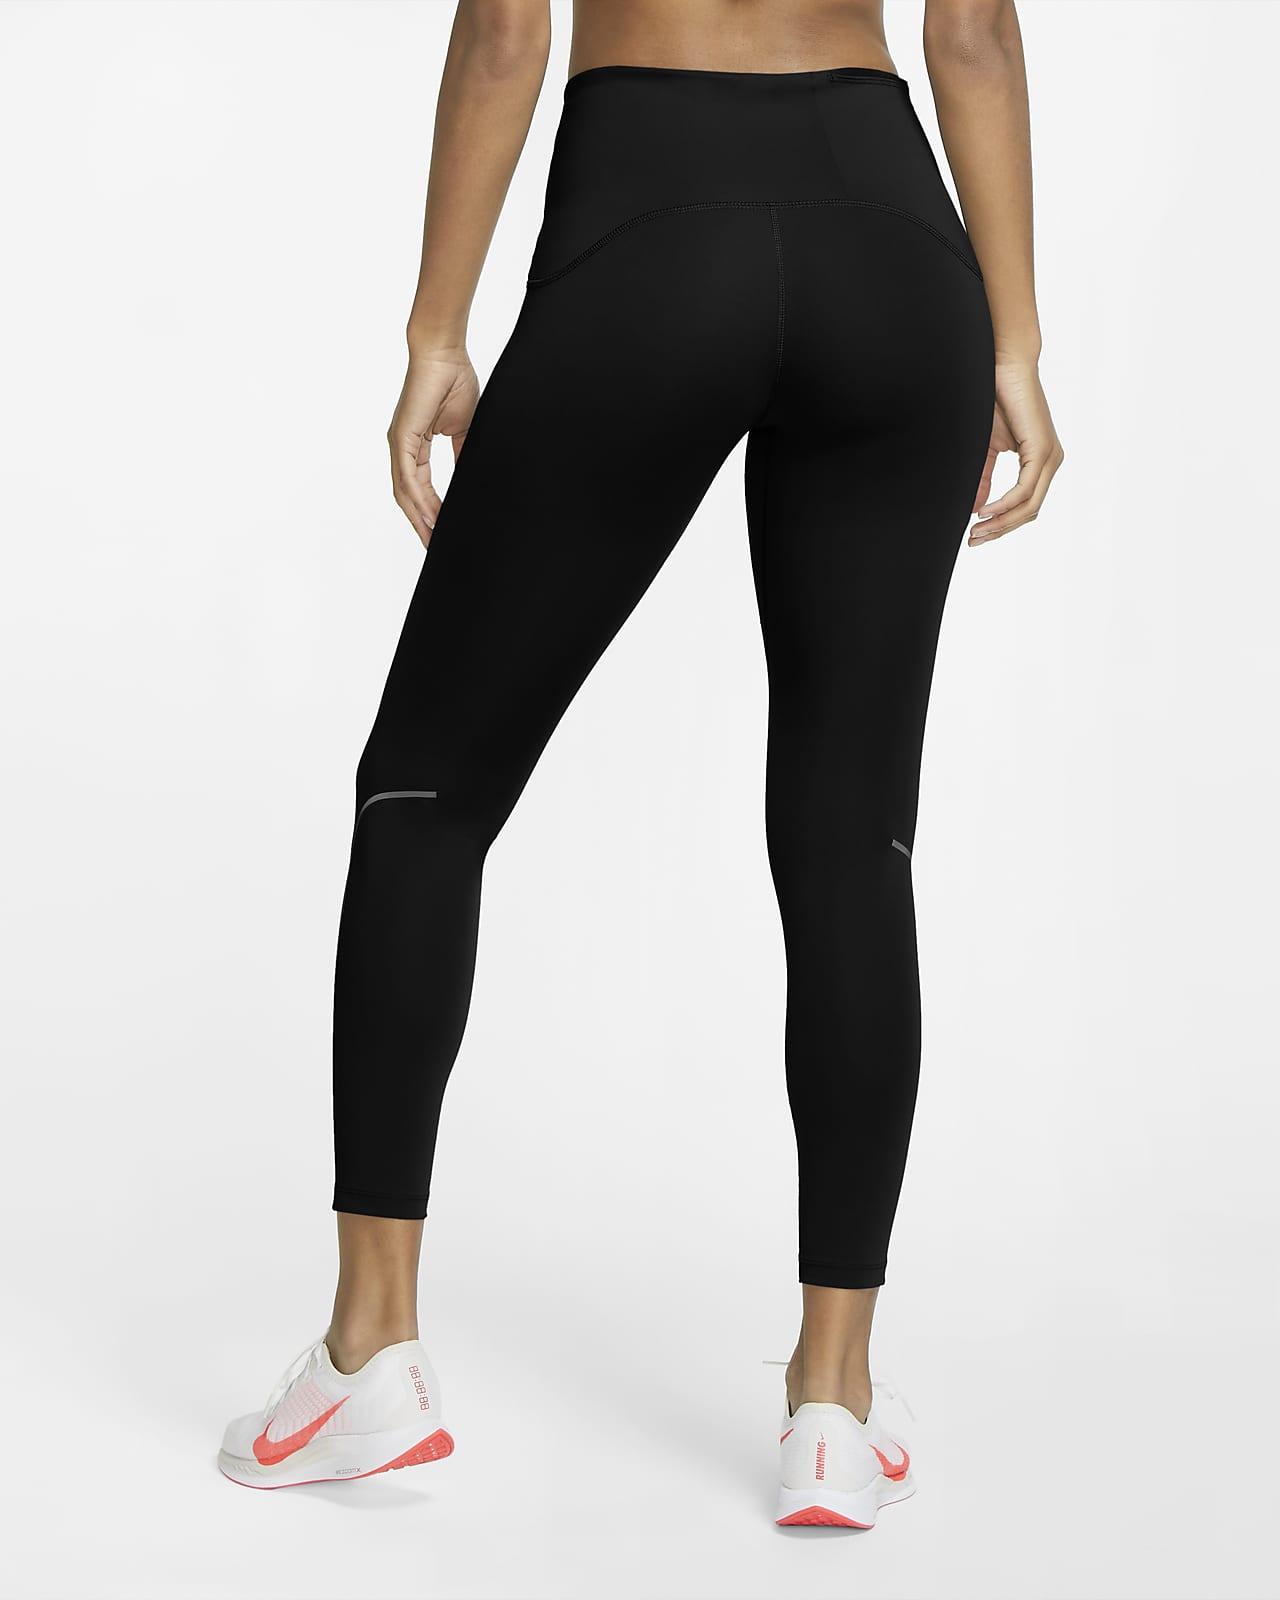 Nike Speed-matte løbetights i 7/8-længde til kvinder